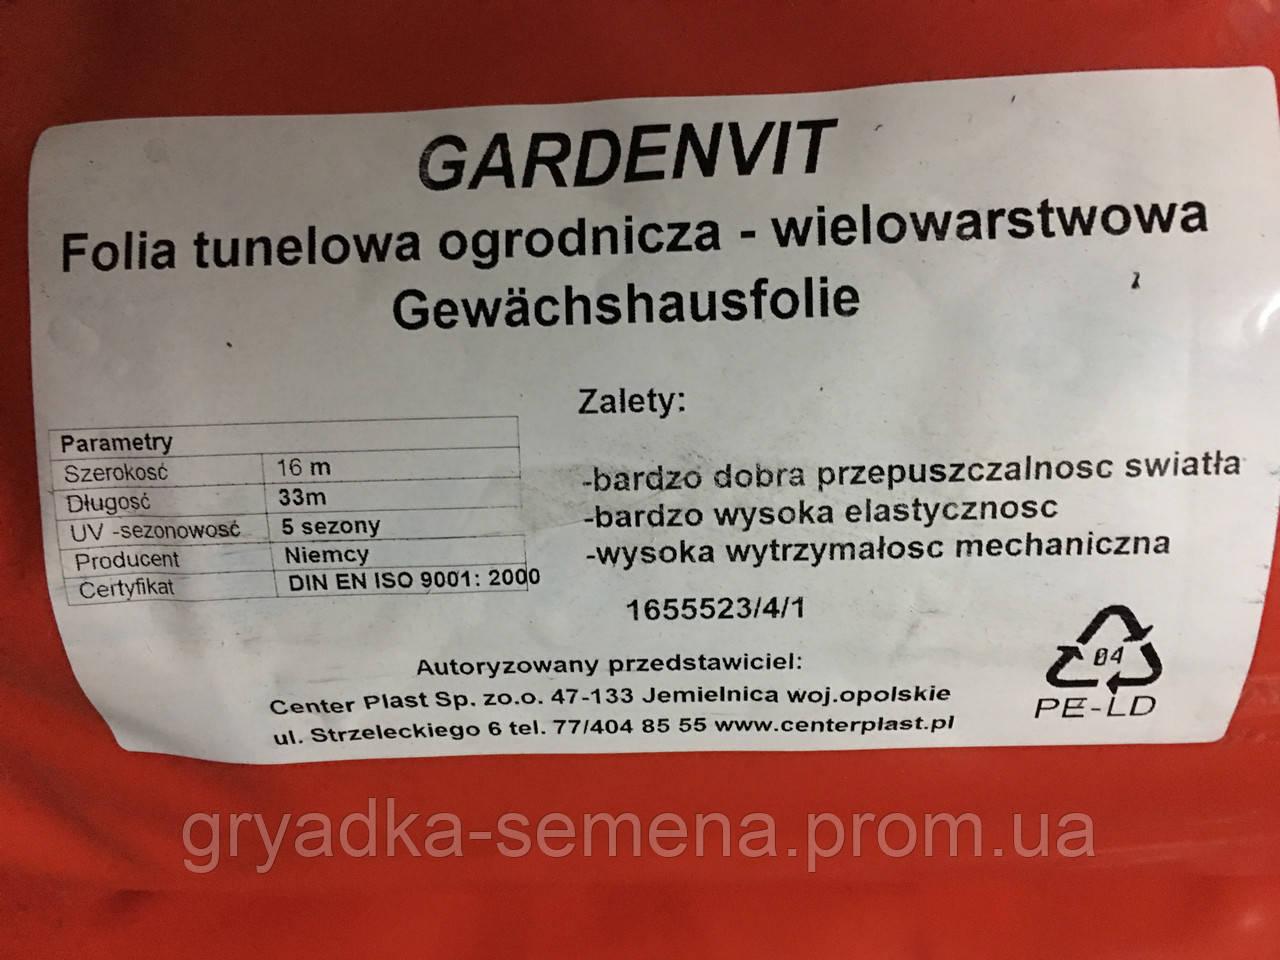 Пленка тепличная Гарденвит 16 * 33 м,5 сезонов Германия